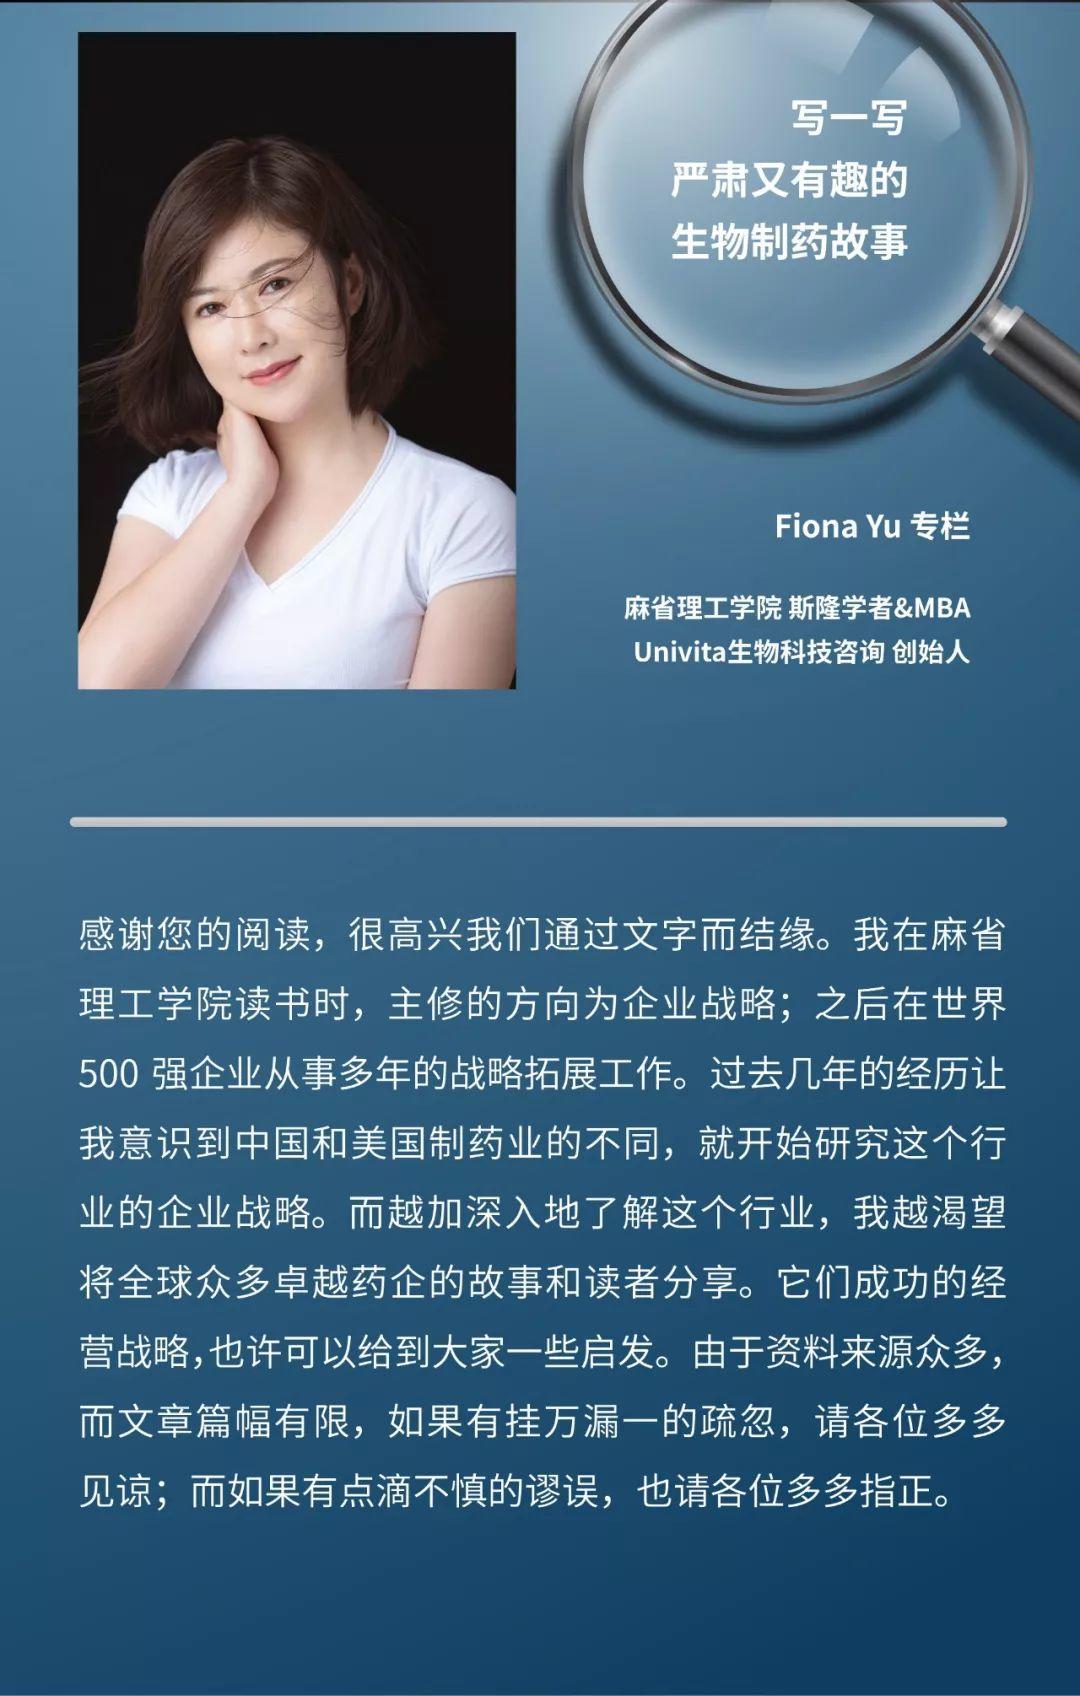 Fiona Yu专栏 | 百年药企强生(JNJ),能否再走百年?